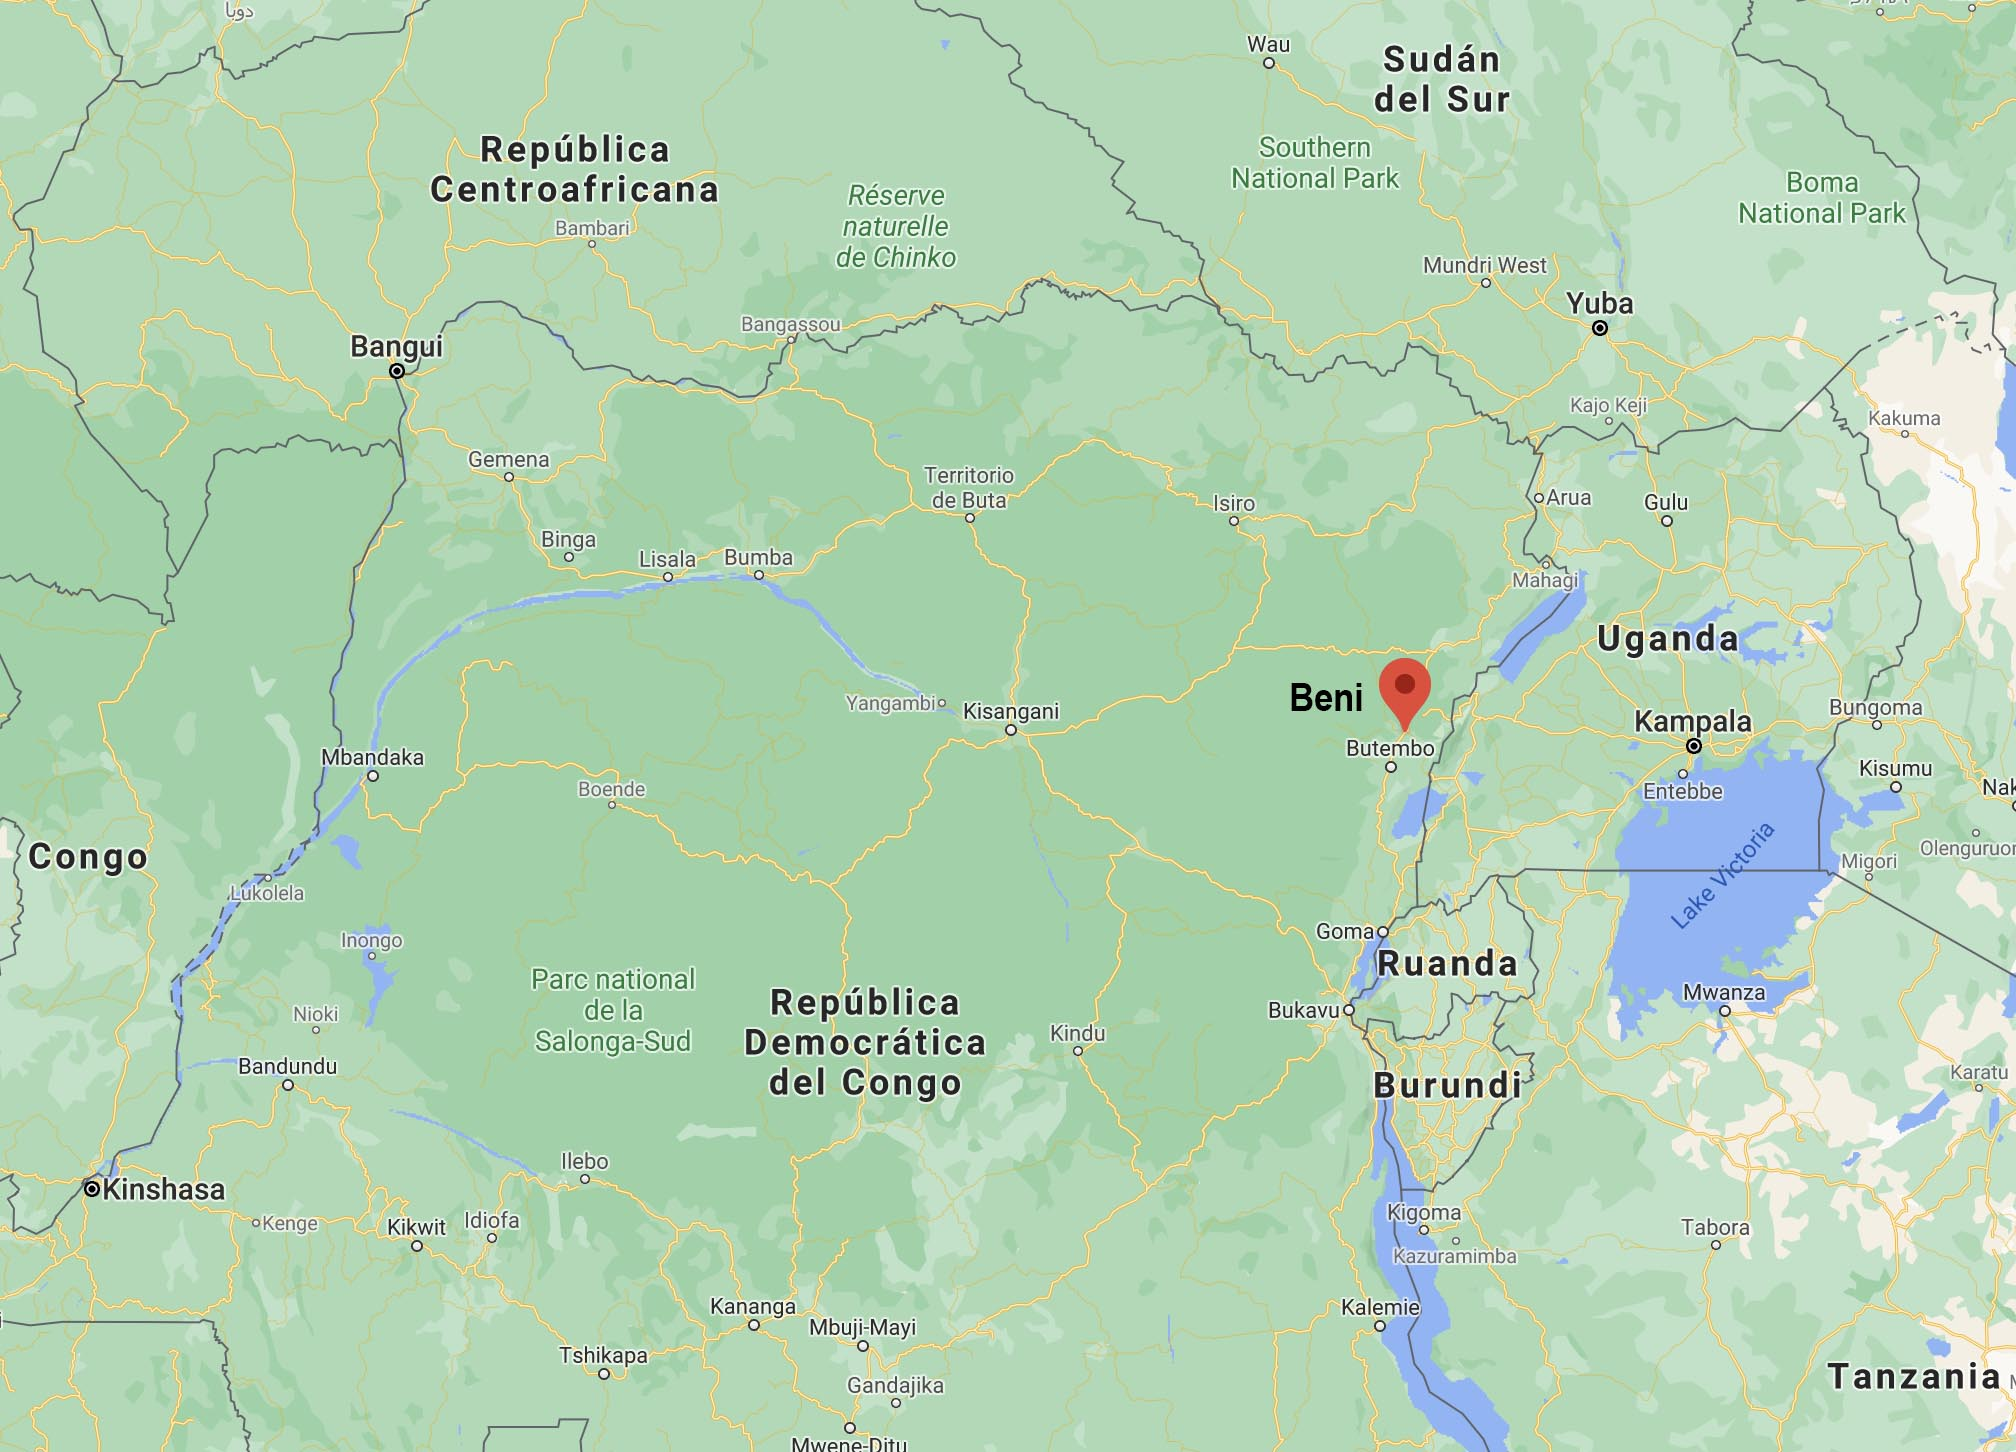 Un mapa de África en Google muestra a Beni ubicado al norte de Ruanda y al oeste del lago Victoria en la República Democrática del Congo. El nombre Beni ha sido agregado por su localizador rojo. Imagen cortesía de Google Maps.